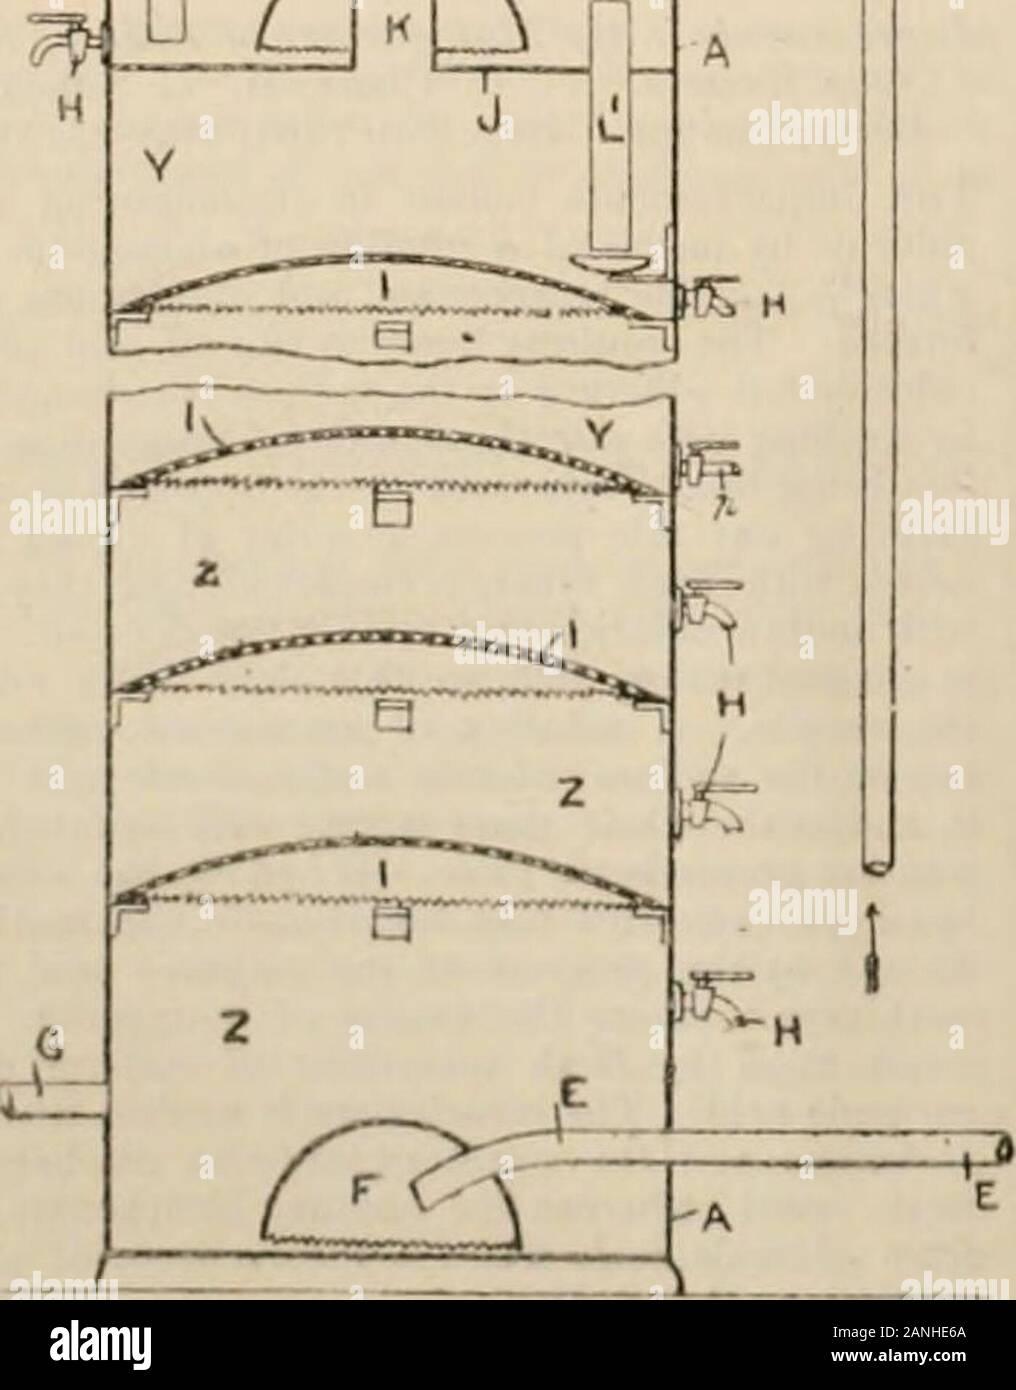 """Journal officiel . Un^^^^ ^r. J.,nc30.i8*s.] LE JOURNAL DE LA SOCIÉTÉ DE CHIMIE, de l'industrie. 137 iiHb-diviser""""l en différents par compartmentx diaphr perforé.i;;ius I, avec scriiited edjres dlaplinignis et otbi-r J,avec tal vertical>i;s K, pour permettre d'steaoi jjaseoiismatter Kiiifr Ihrnii et adopté^h. Le mode d'(&gt;[)enitiiig biearbouatc sodium isas suit: i6 mélangé avec amiiioiiia.-allii iior à une température d'environ aller t. Dans un mélangeur fermé 1.(Iij;. U), qui est un heatiug lilted avec bobine et agitateur. 1 Banque D'Images"""